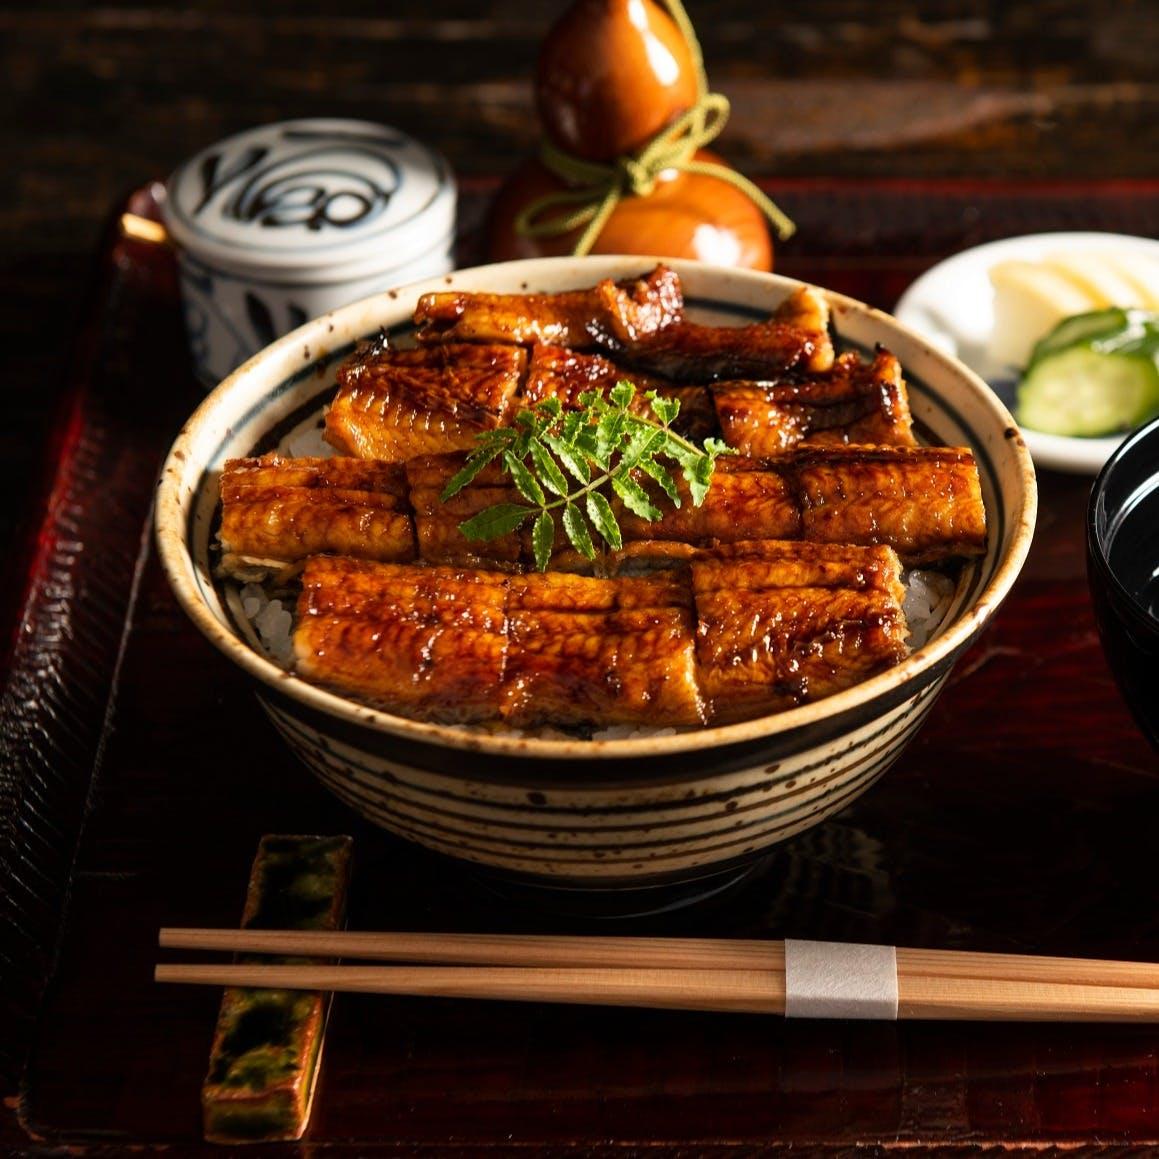 高知四万十川をはじめ、鹿児島、愛知、静岡など日本各地でその時期の旬な国産鰻を使用